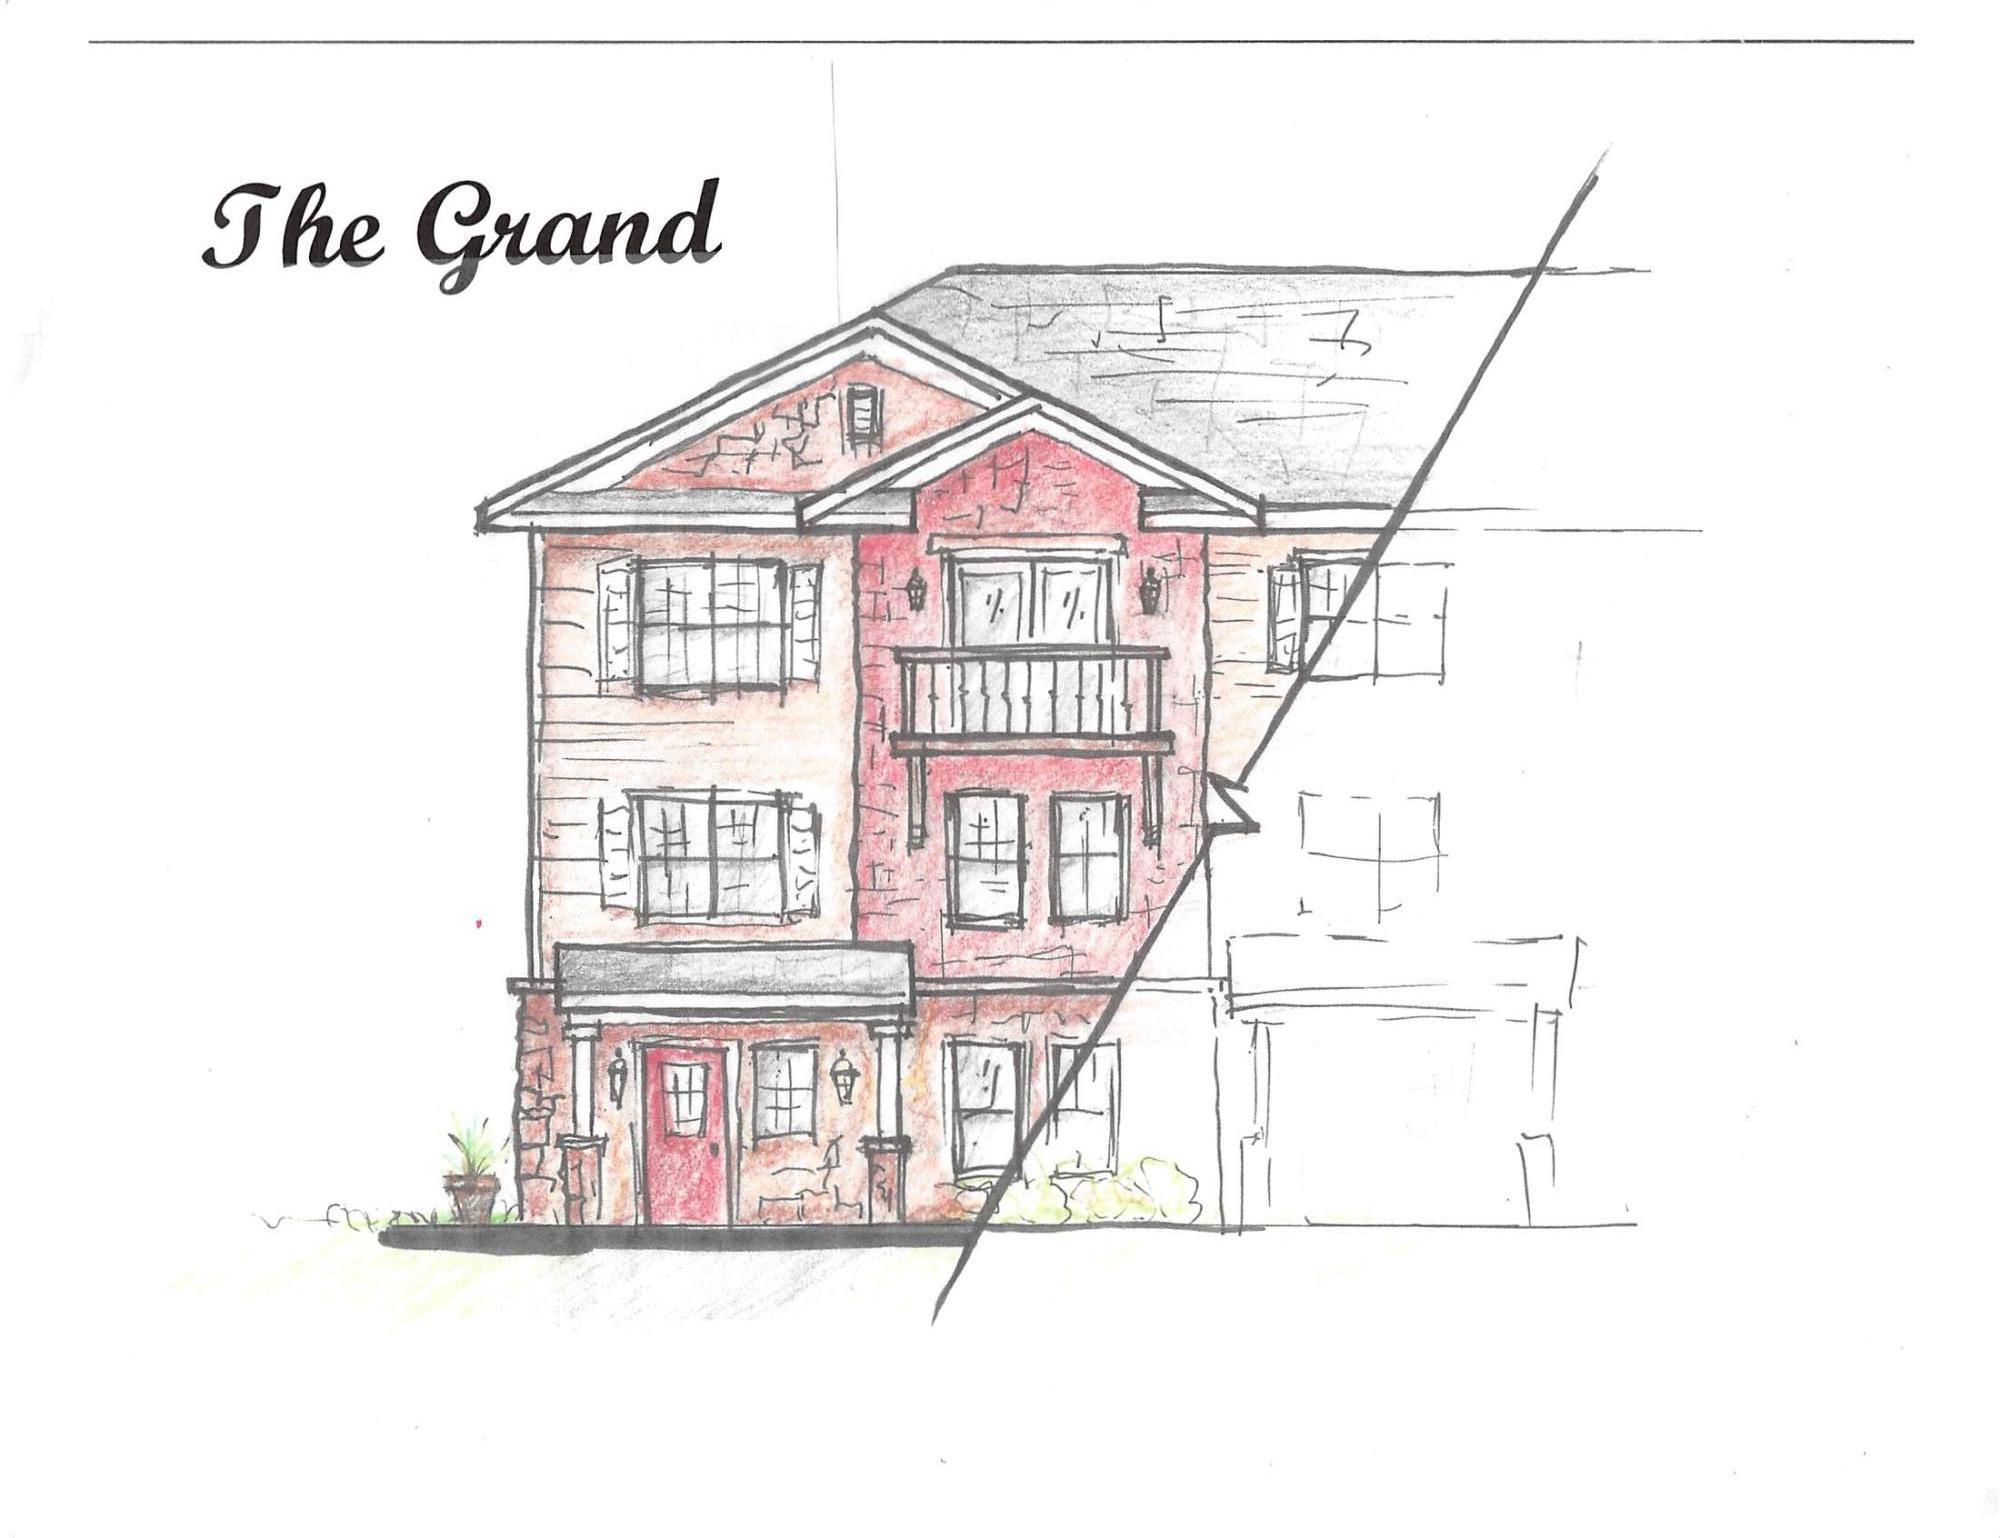 207 Fox St, Mukwonago, Wisconsin 53149, 2 Bedrooms Bedrooms, ,2 BathroomsBathrooms,Condominiums,For Sale,Fox St,1,1695818